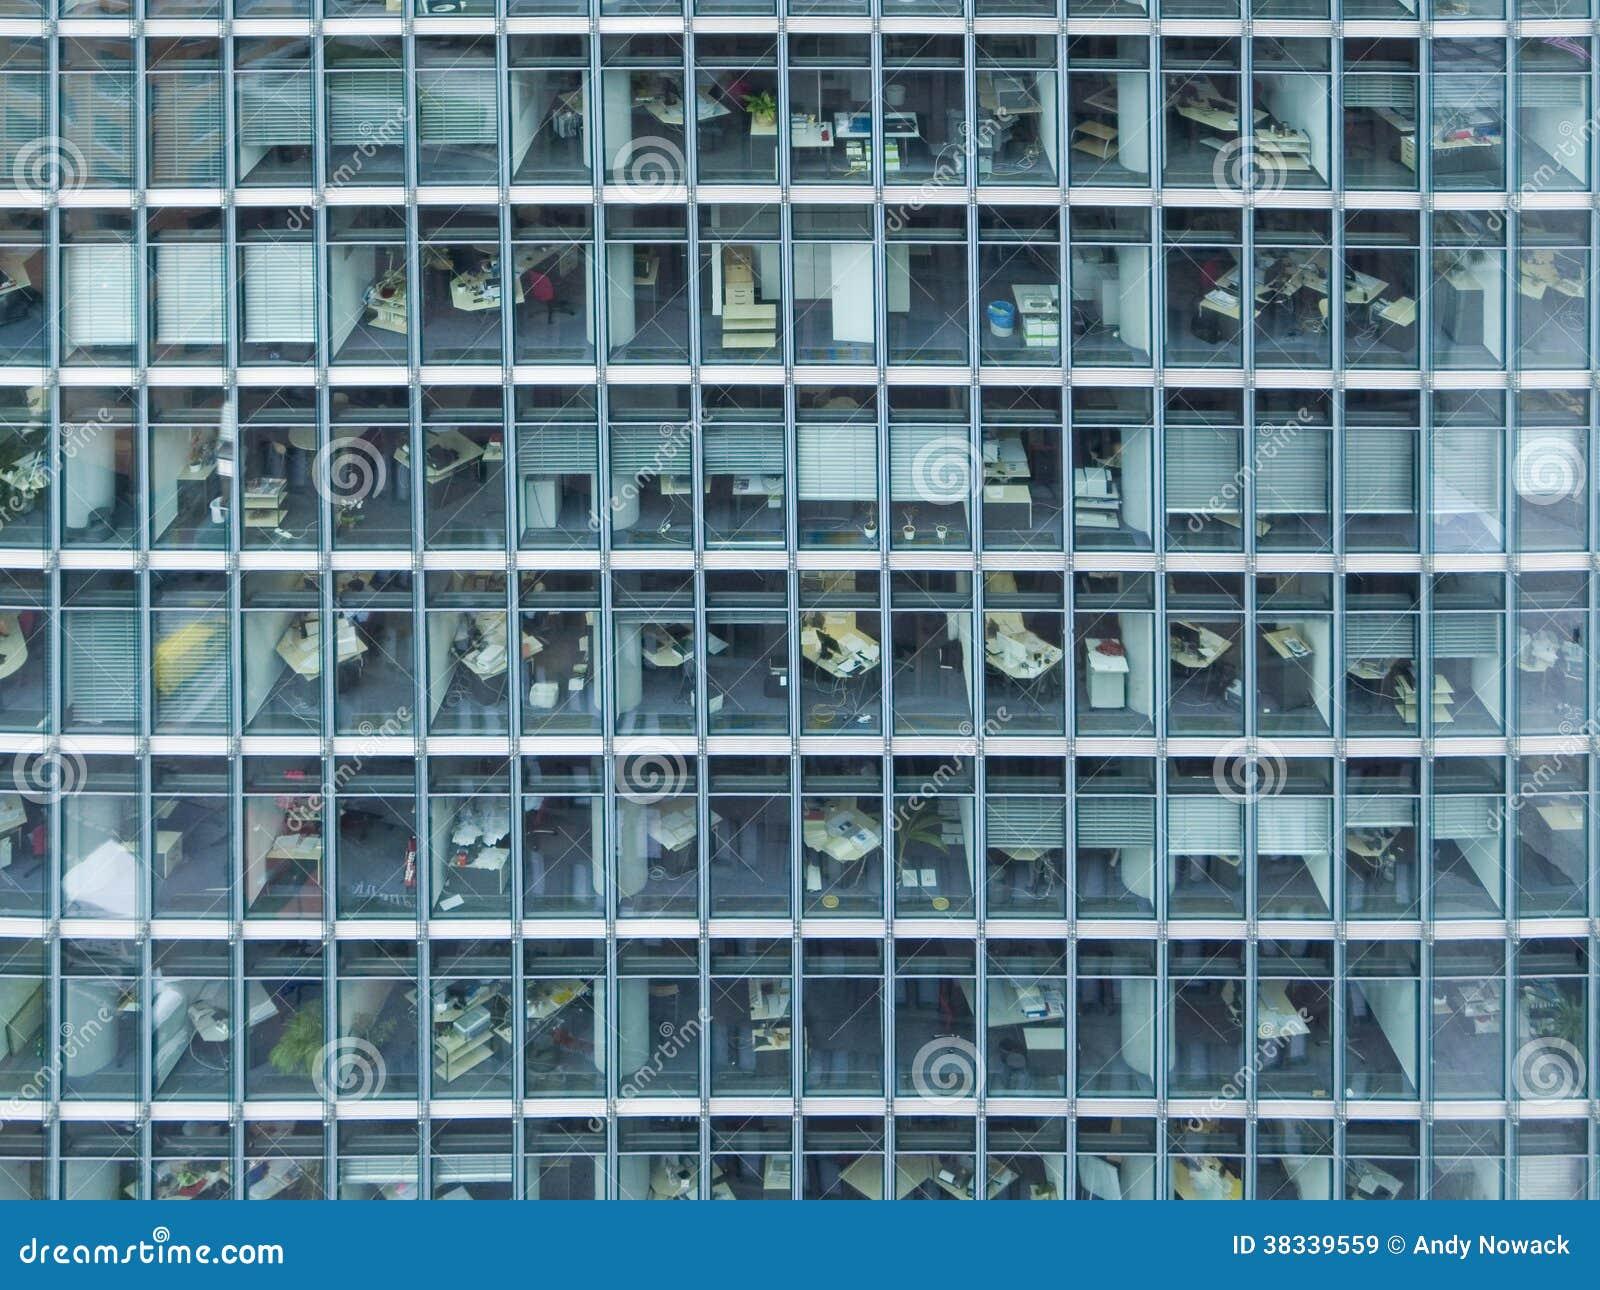 Fassade frontal  Fassade von Büros stockbild. Bild von geschäft, fenster - 38339559